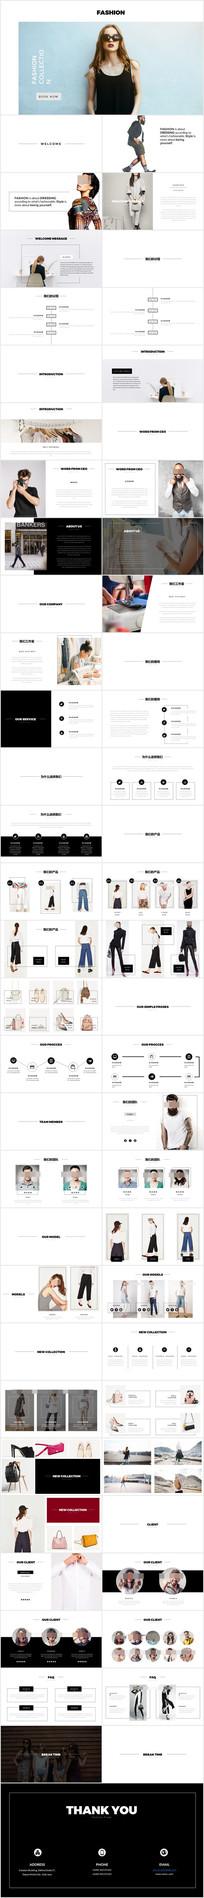 简约风格时装品牌宣传PPT